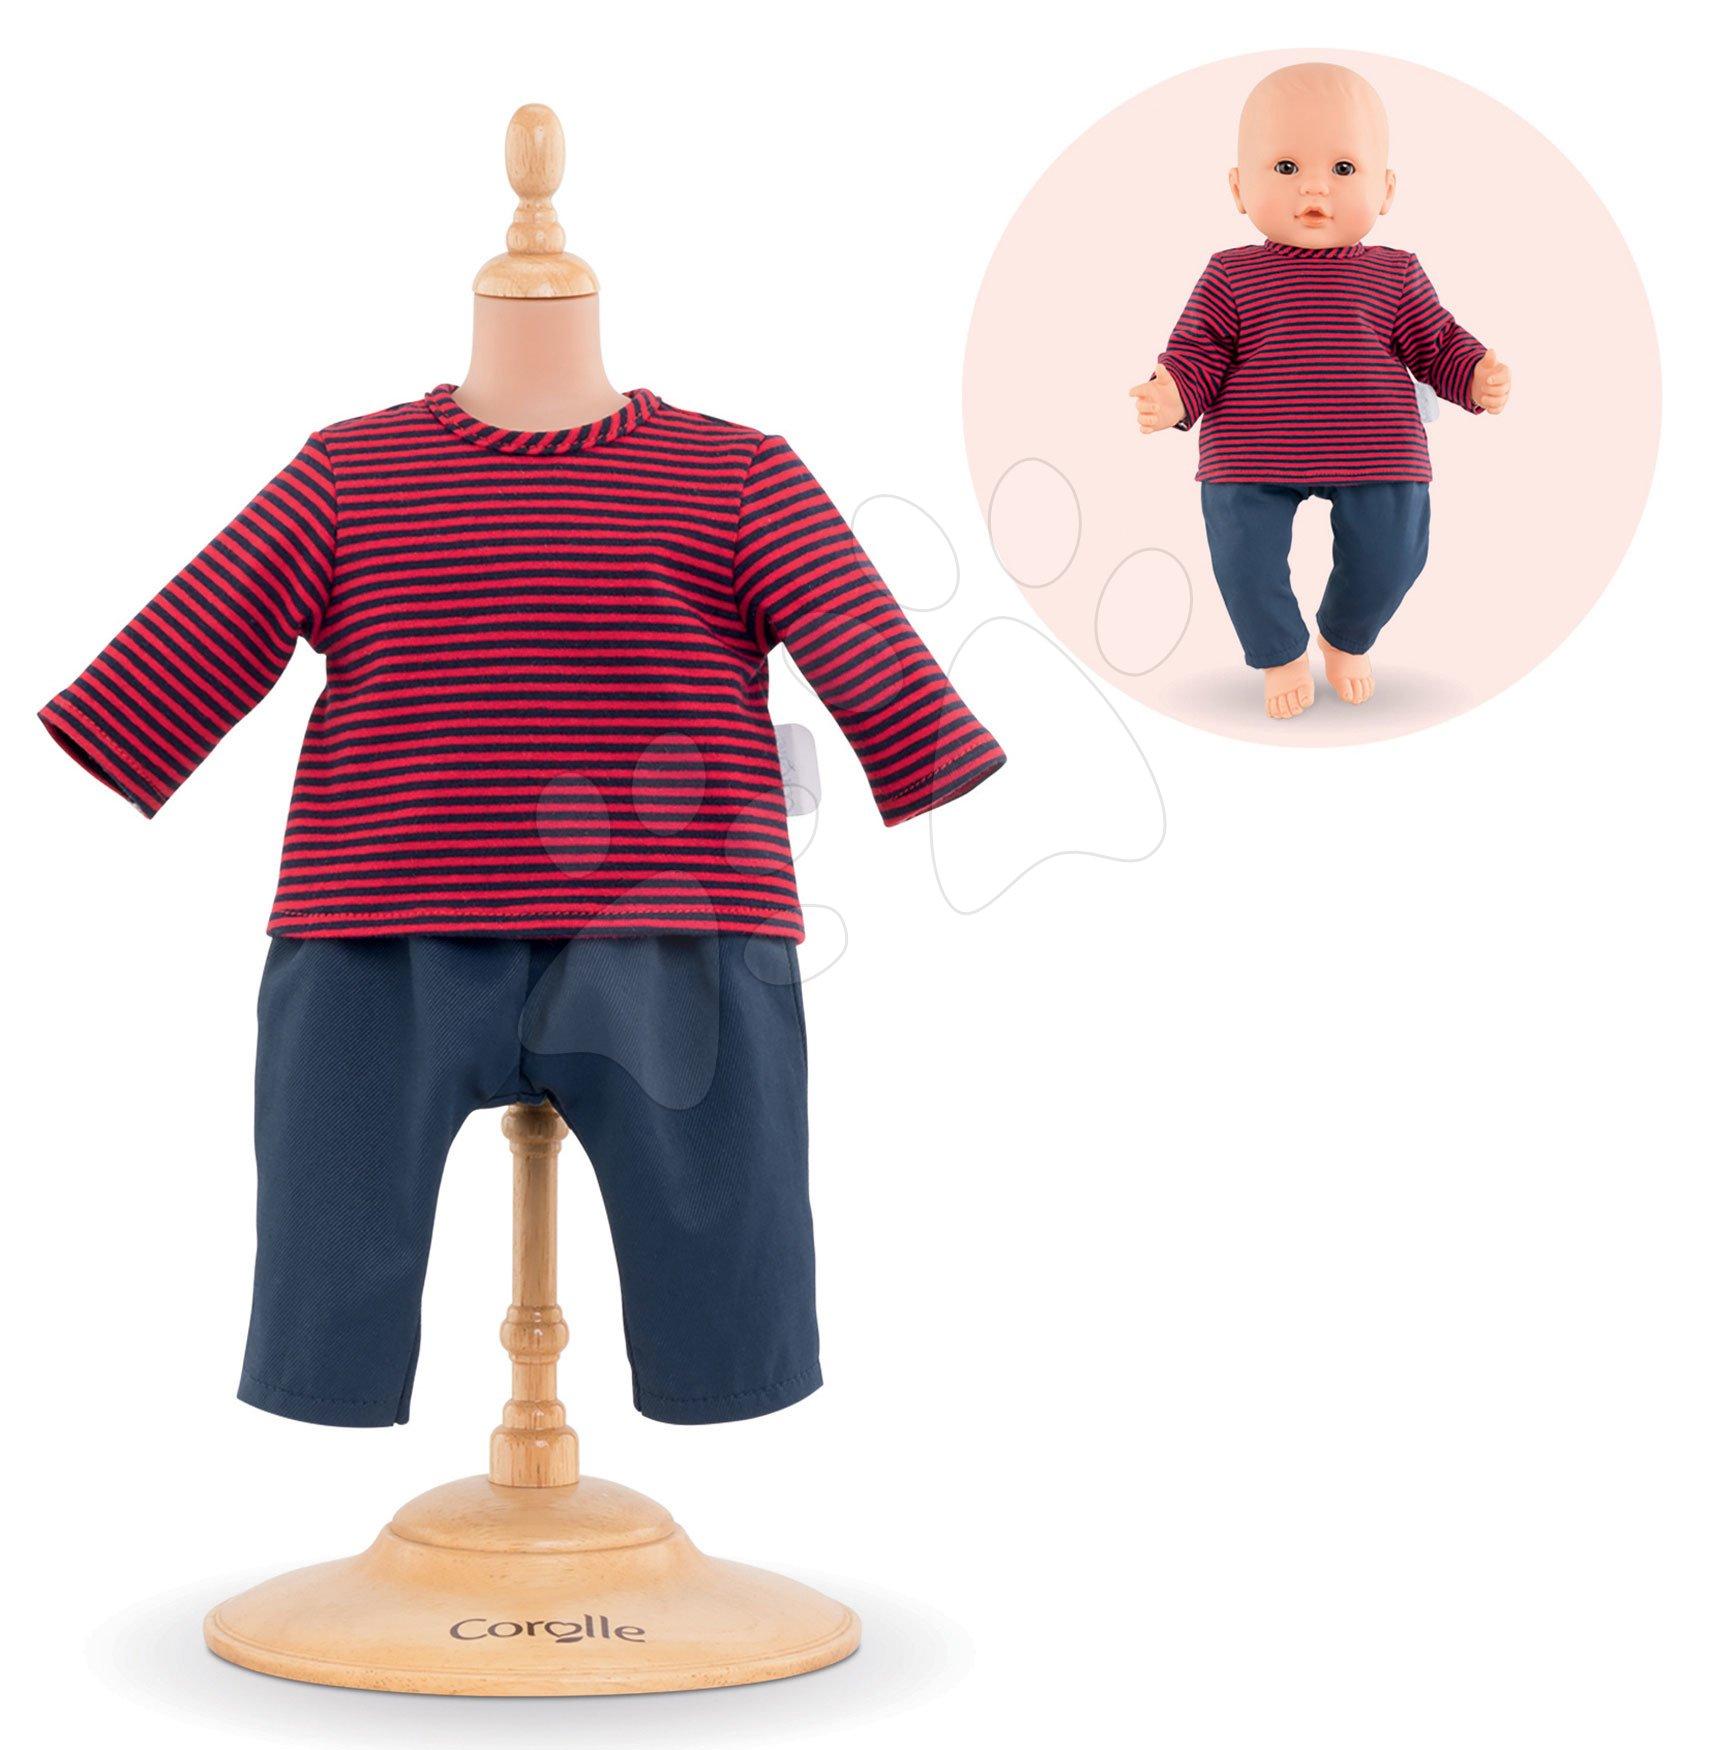 Oblečenie Striped T-shirt & Pants Mon Grand Poupon Corolle pre 36 cm bábiku od 24 mes